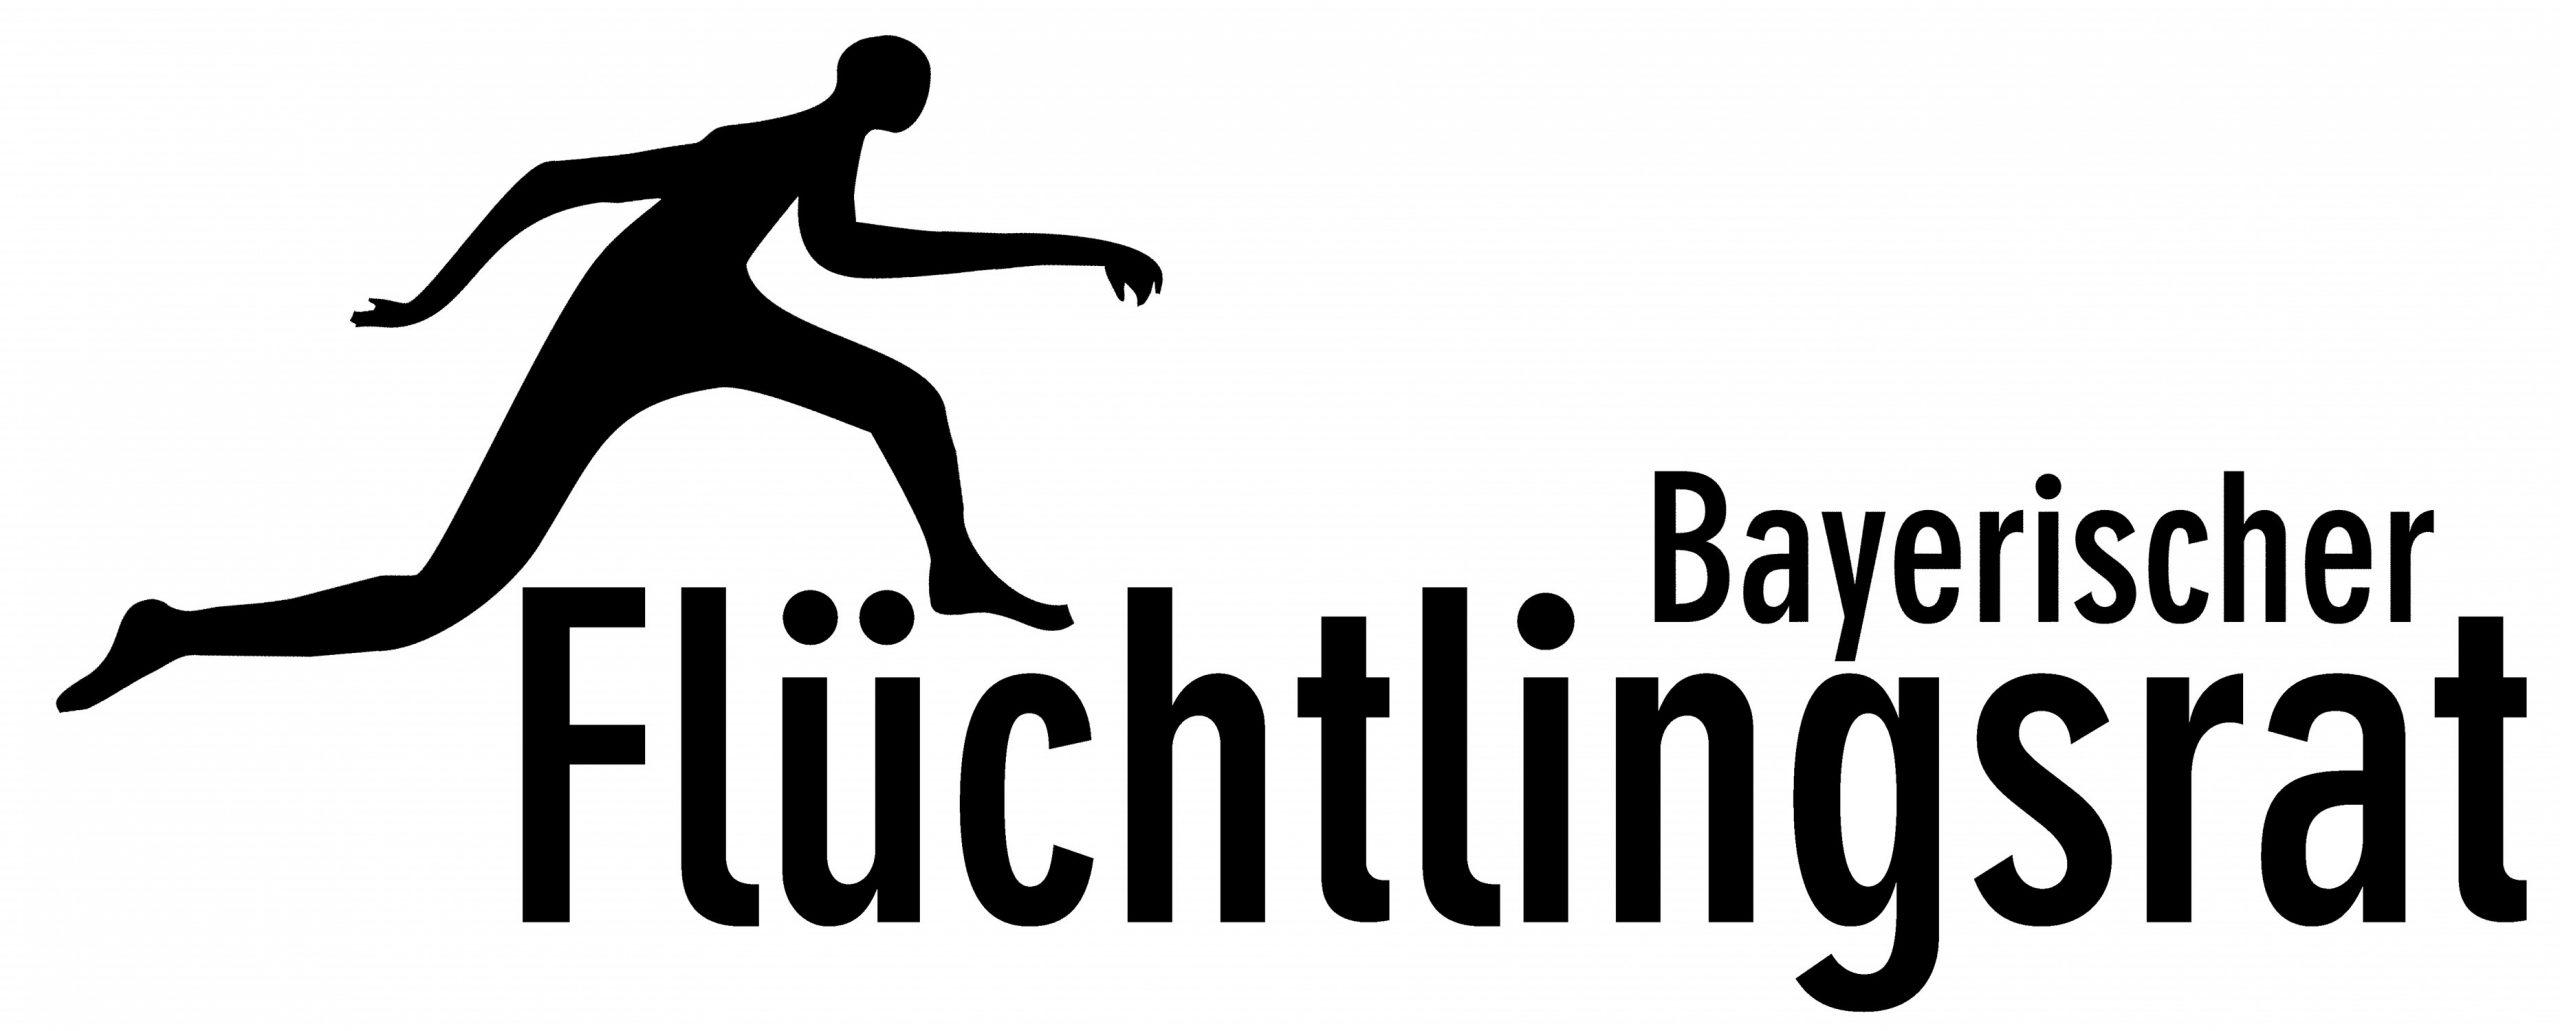 Bayerischer Flüchtlingsrat